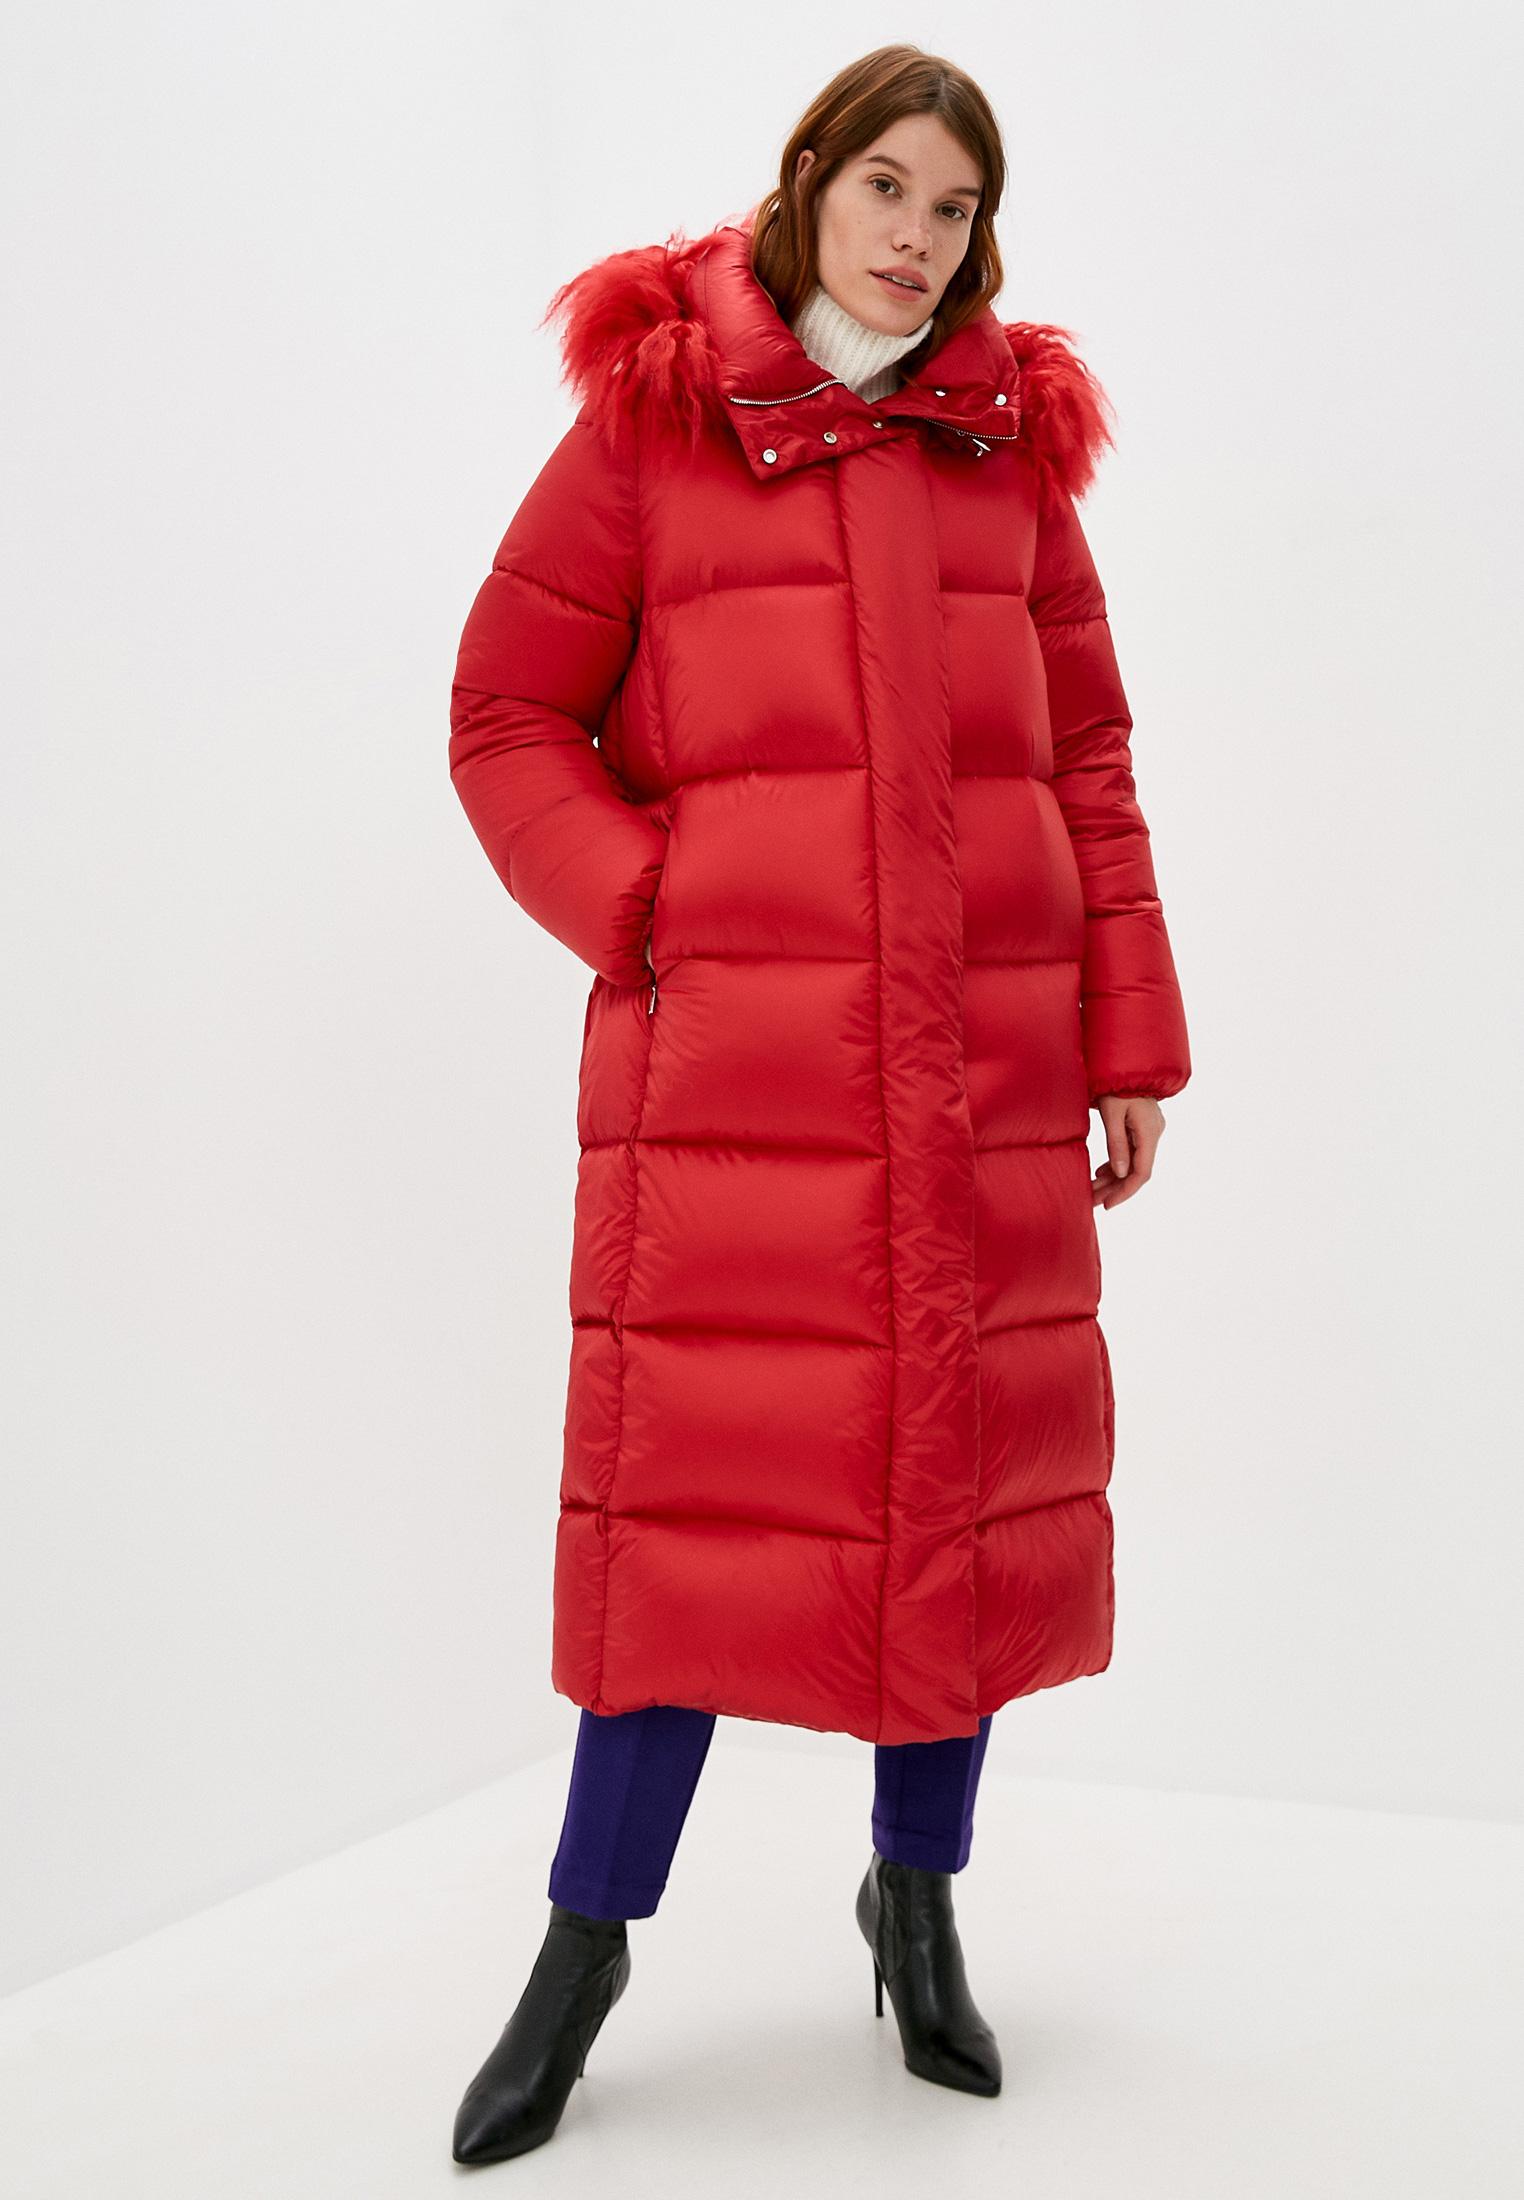 Утепленная куртка add XKAW229